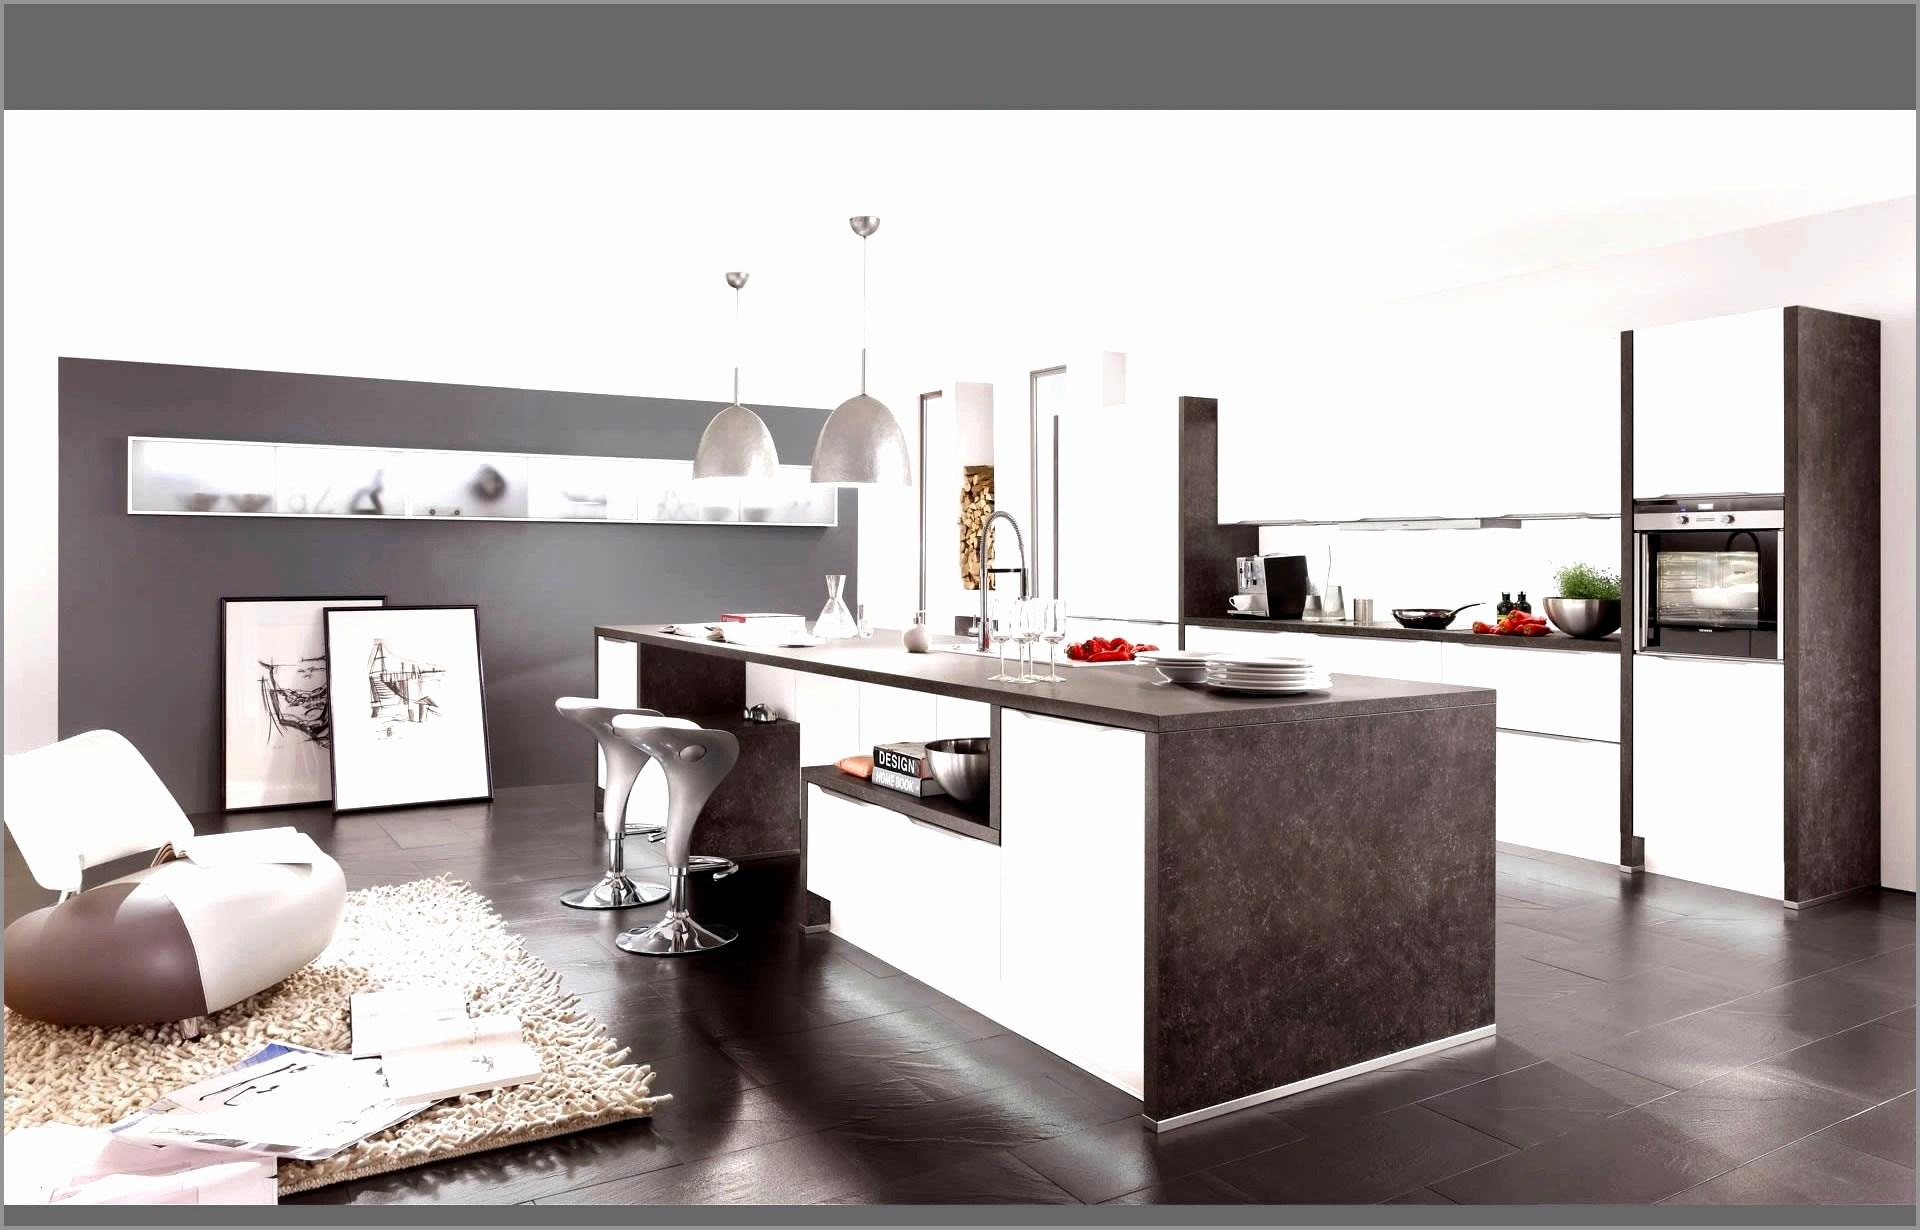 Full Size of Küche Planen Im Internet Küche Planen Online Nobilia Hausbau Wann Küche Planen Outdoor Küche Planen Küche Küche Planen